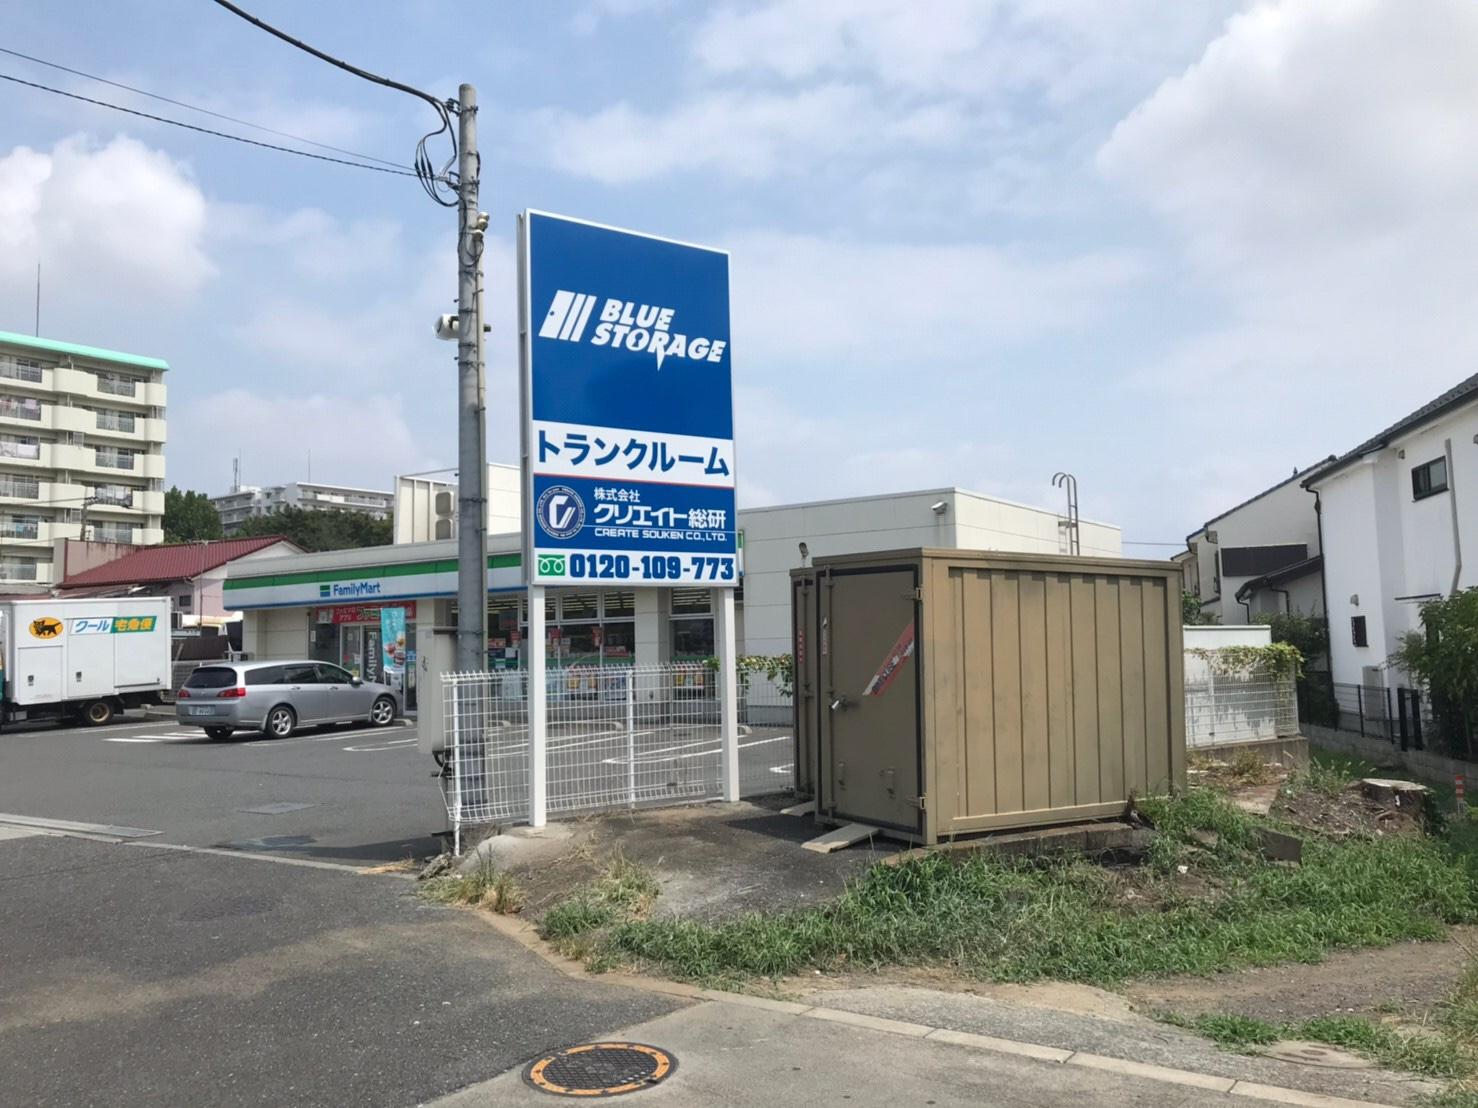 バイクストレージ西東京市谷戸町の物件外観